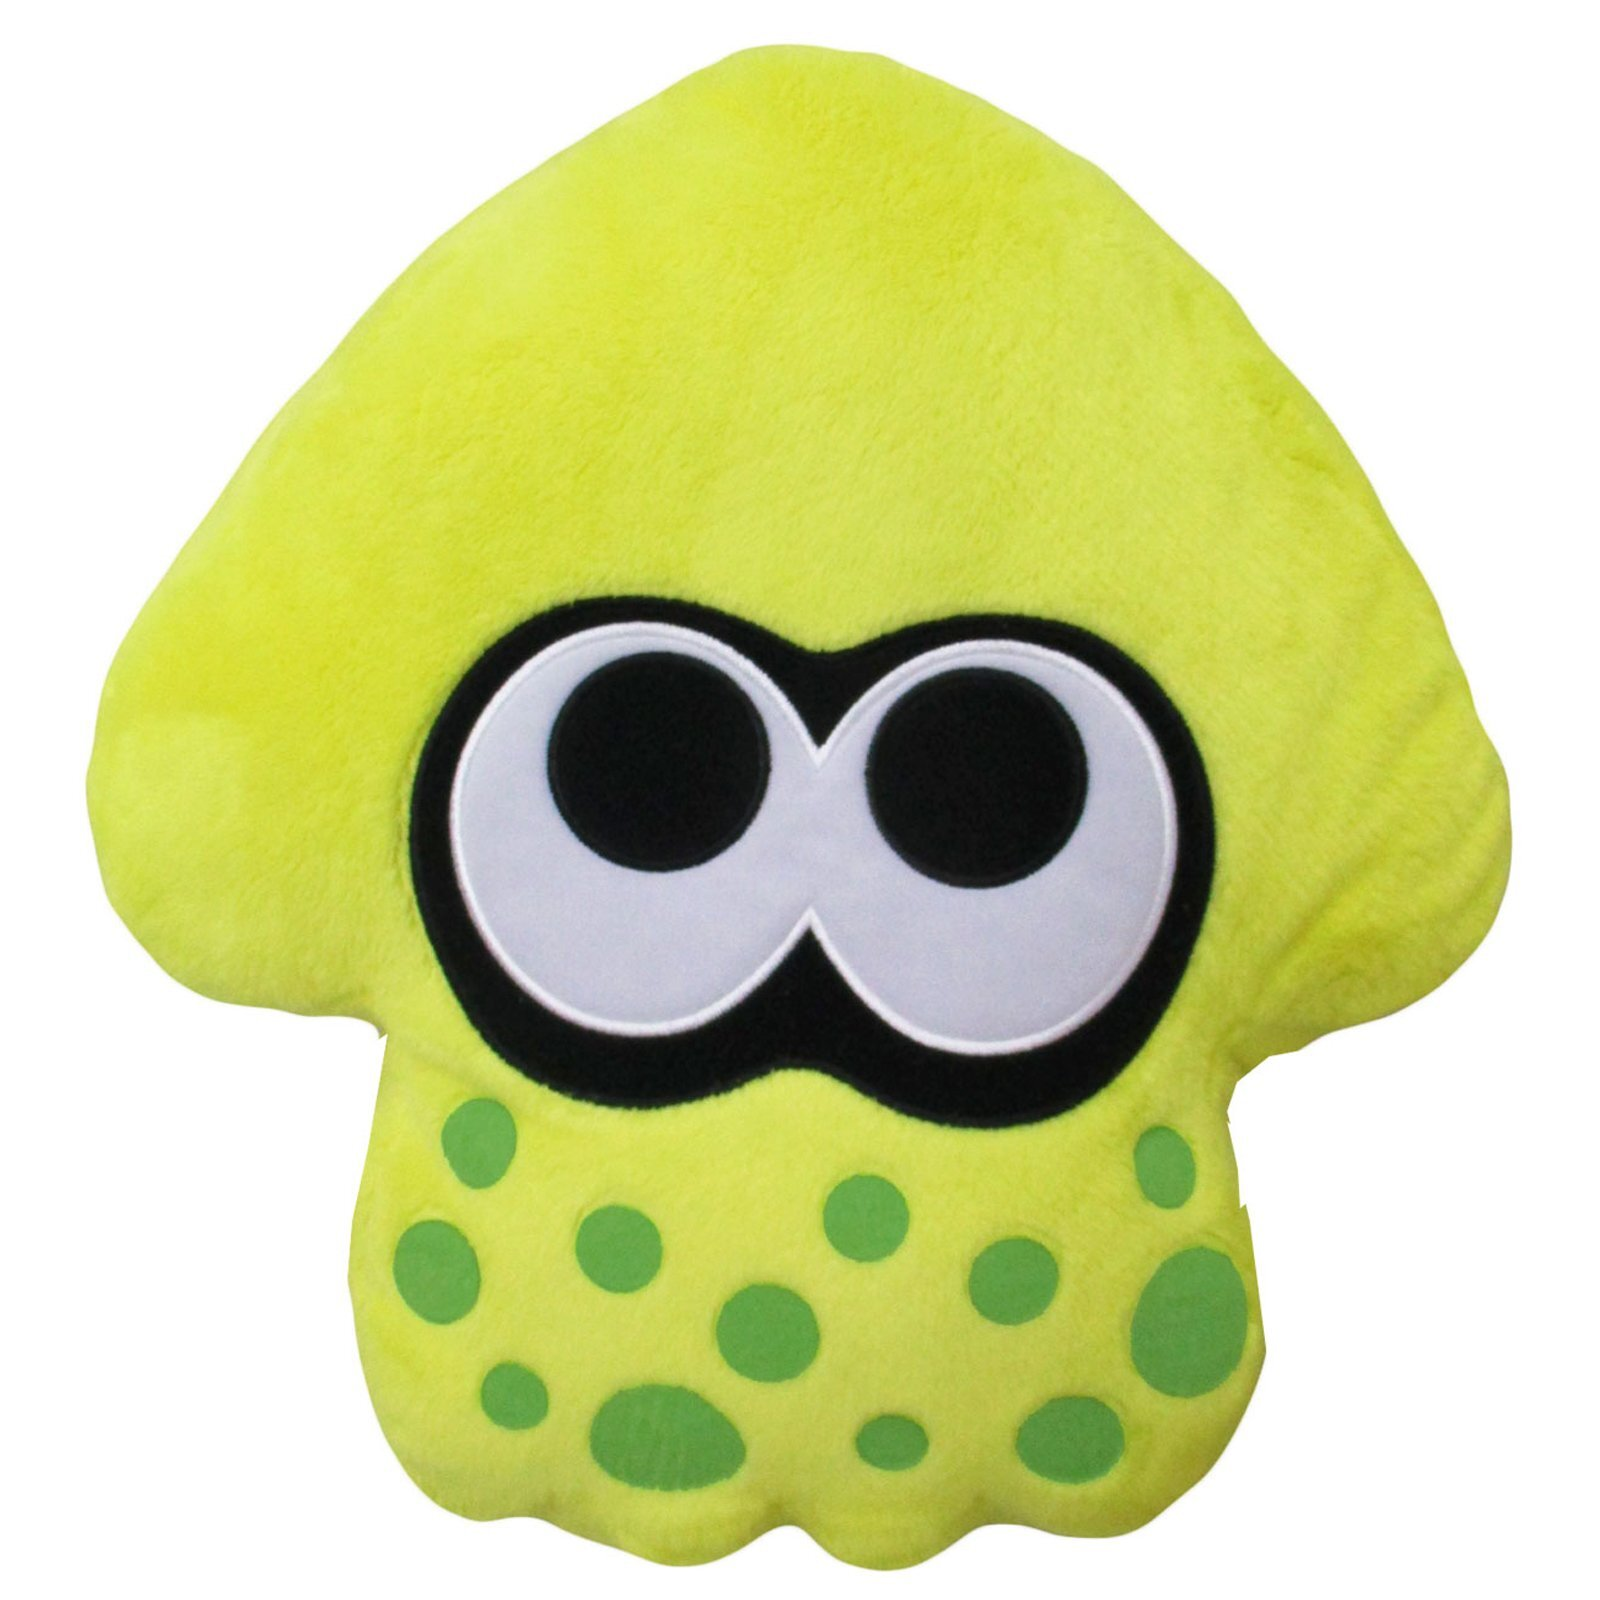 Neon Yellow Splatoon 2 Squid Cushion (1)